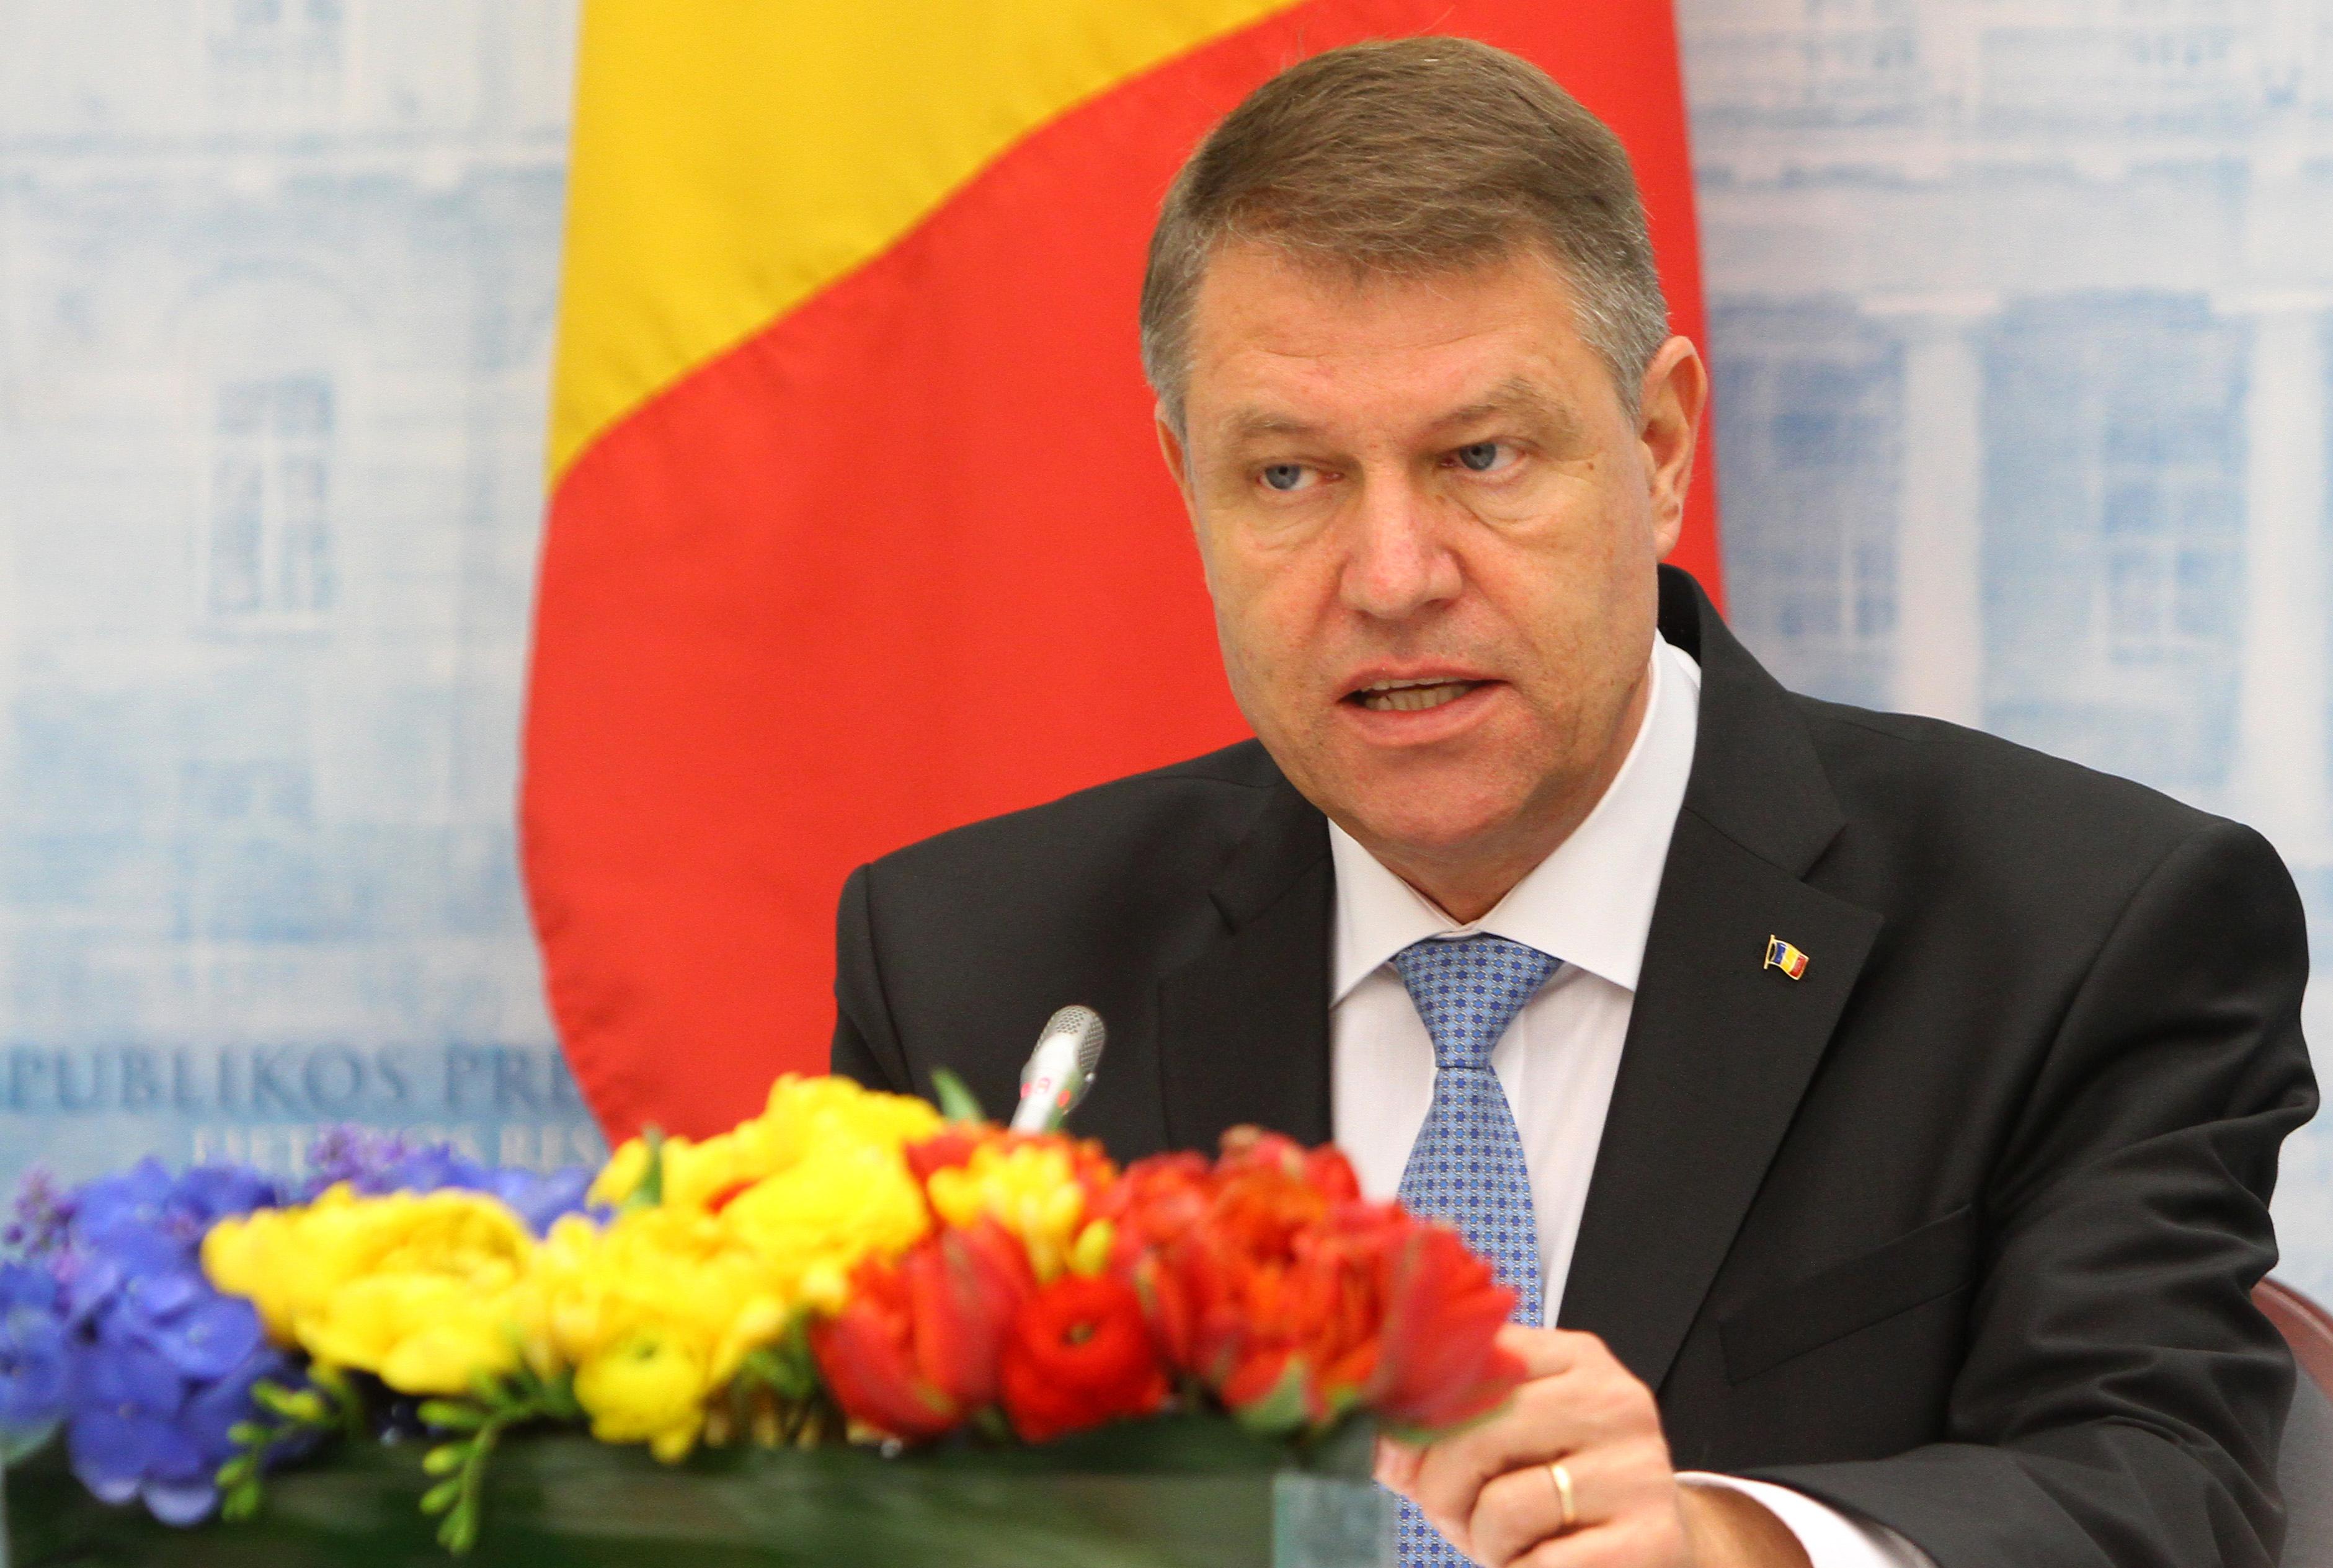 A román parlament megszavazta, hogy az újságíróknak ne kelljen személyi jövedelemadót fizetniük